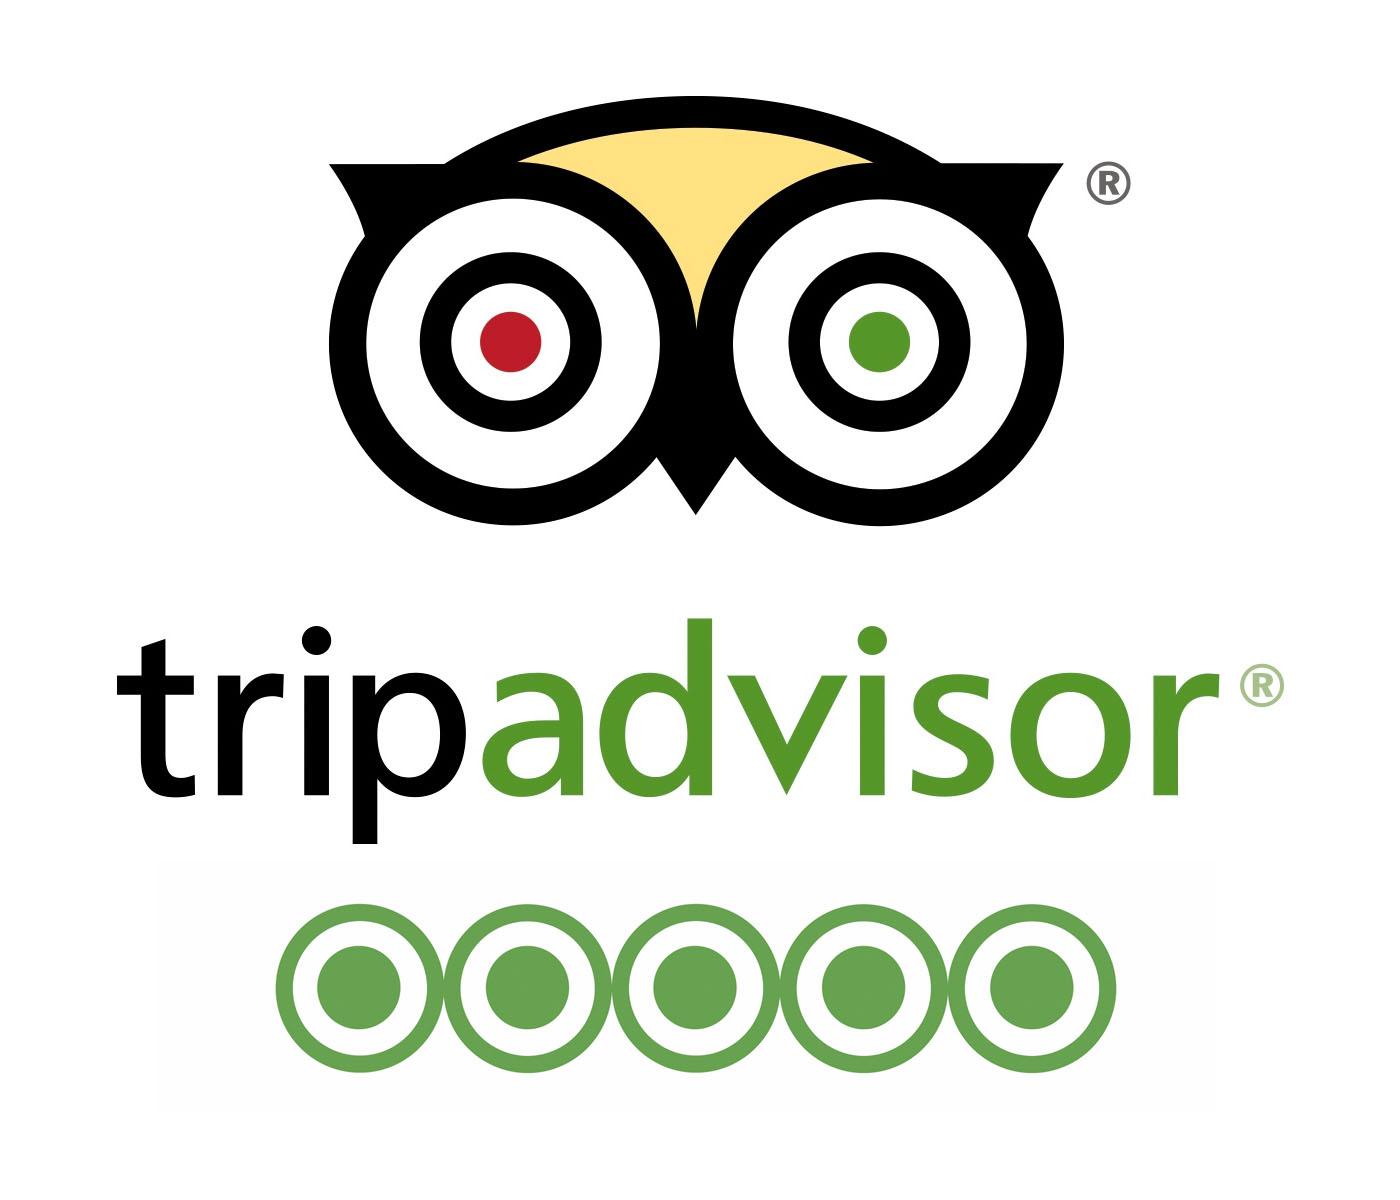 Tripadvisor old san juan hotels restaurants - Old San Juan Tripadvisor